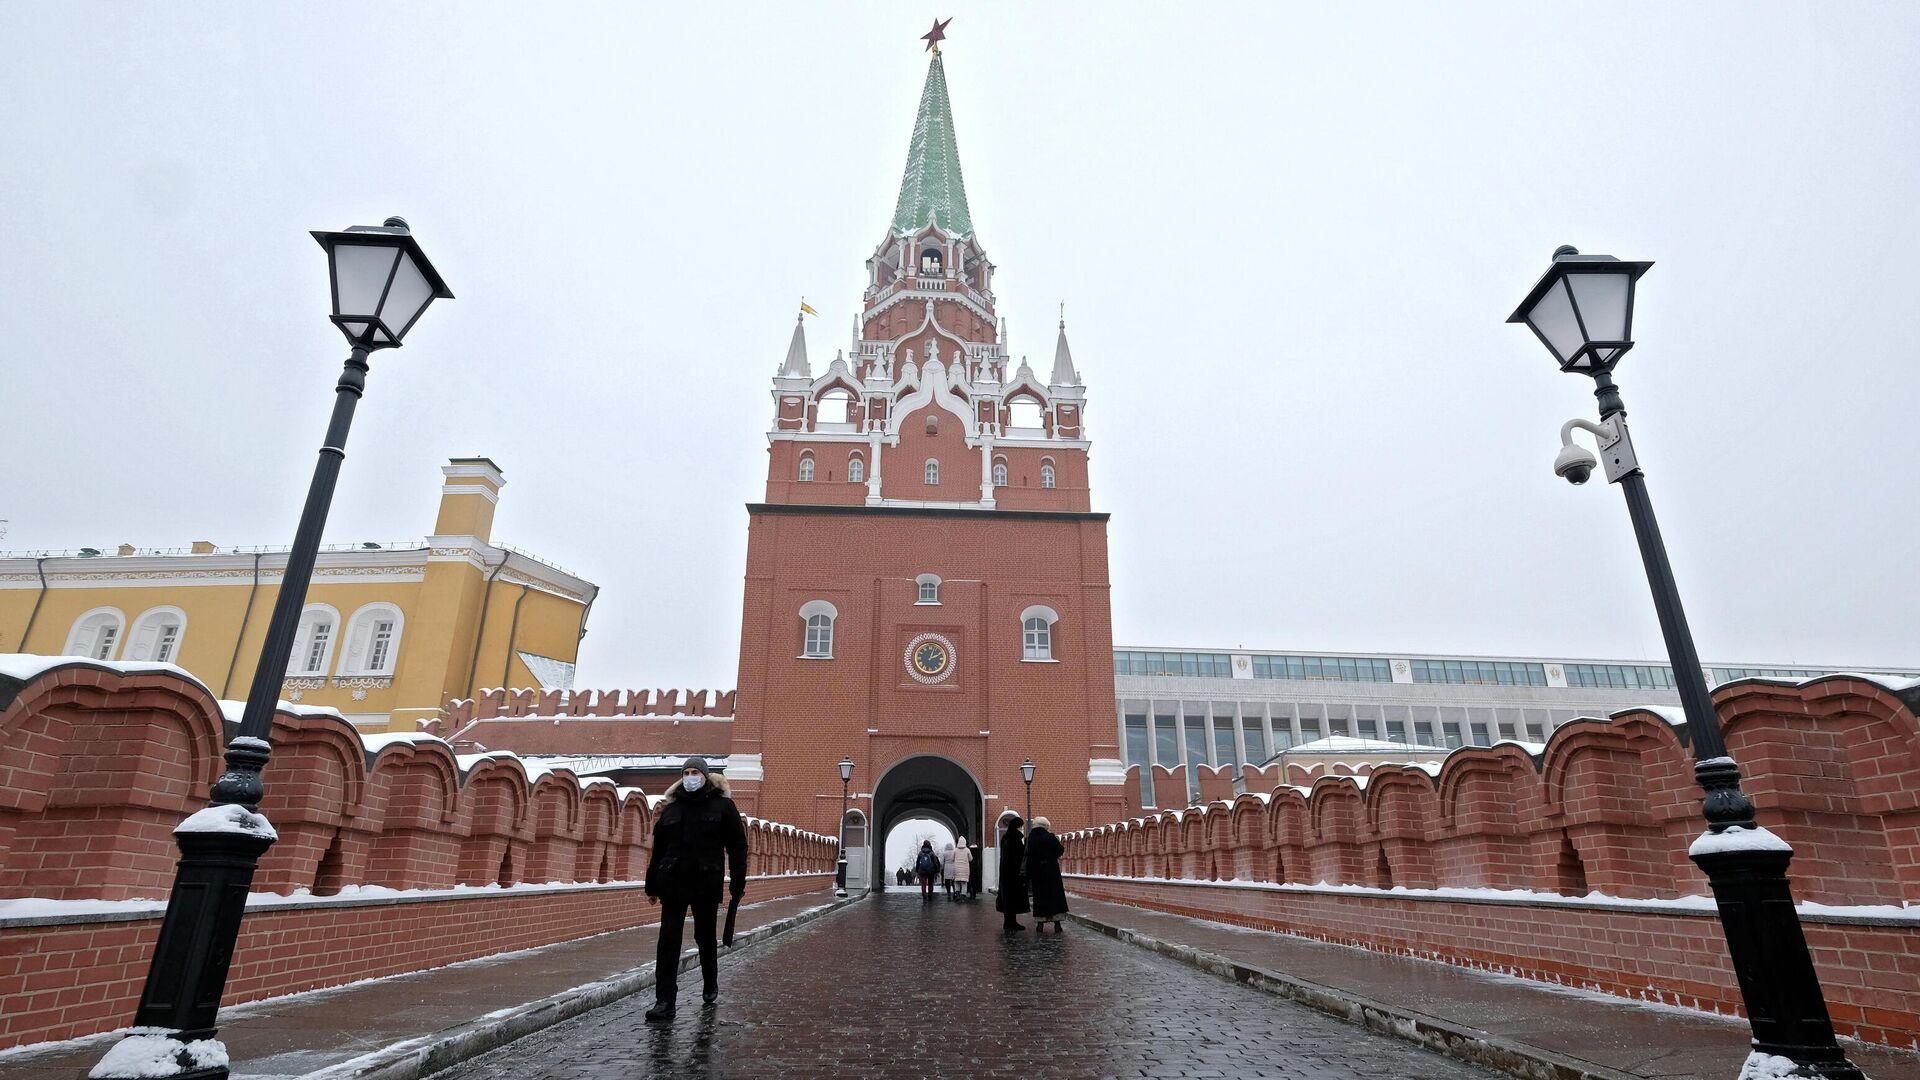 Троицкая башня с открытыми воротами на территорию Кремля. - РИА Новости, 1920, 26.01.2021